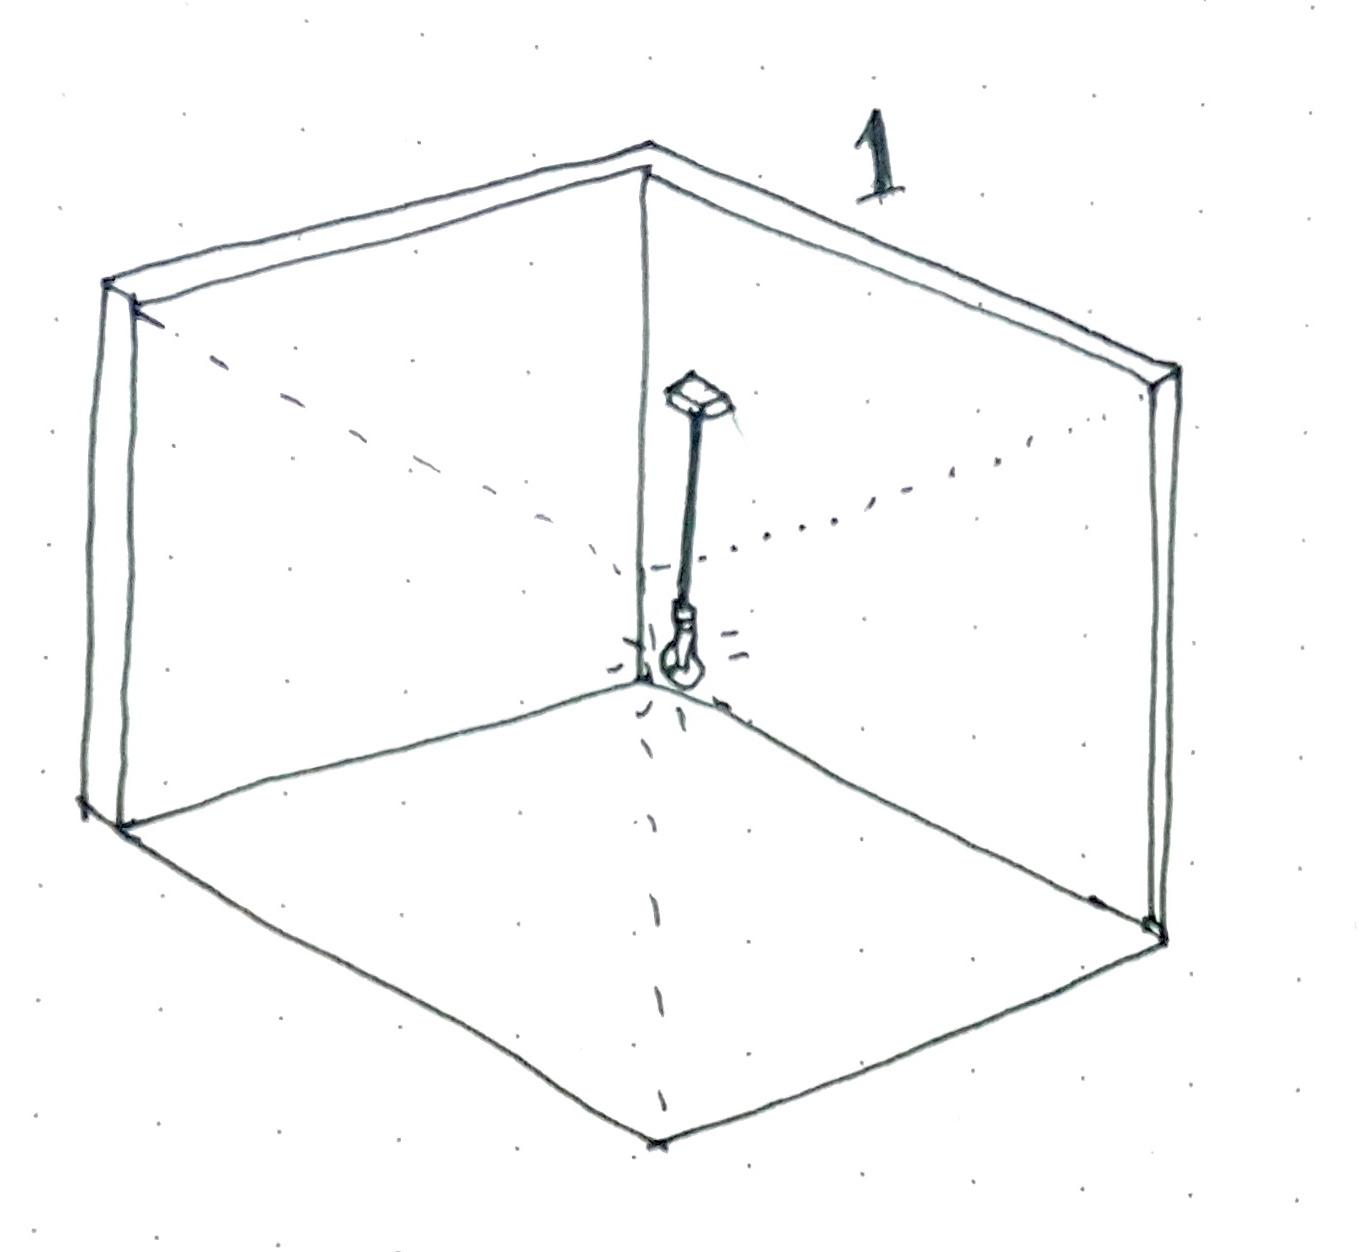 Sketch for 1 lightbulb